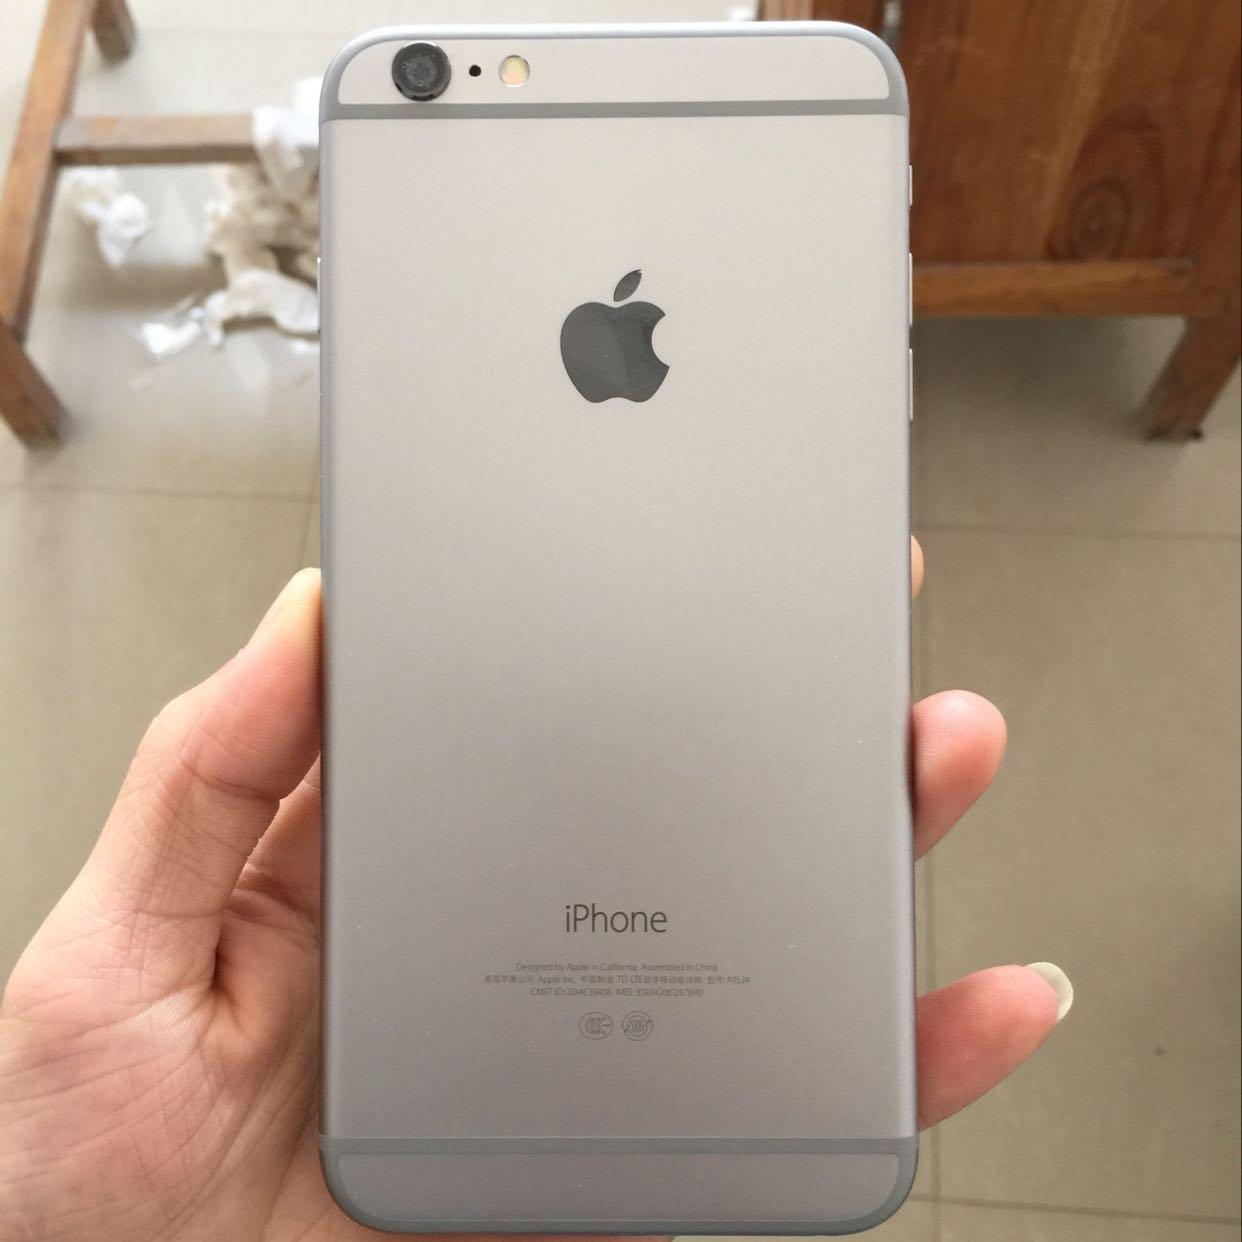 二手苹果6plus交易, 钦州市二手-苏宁易购二手优品